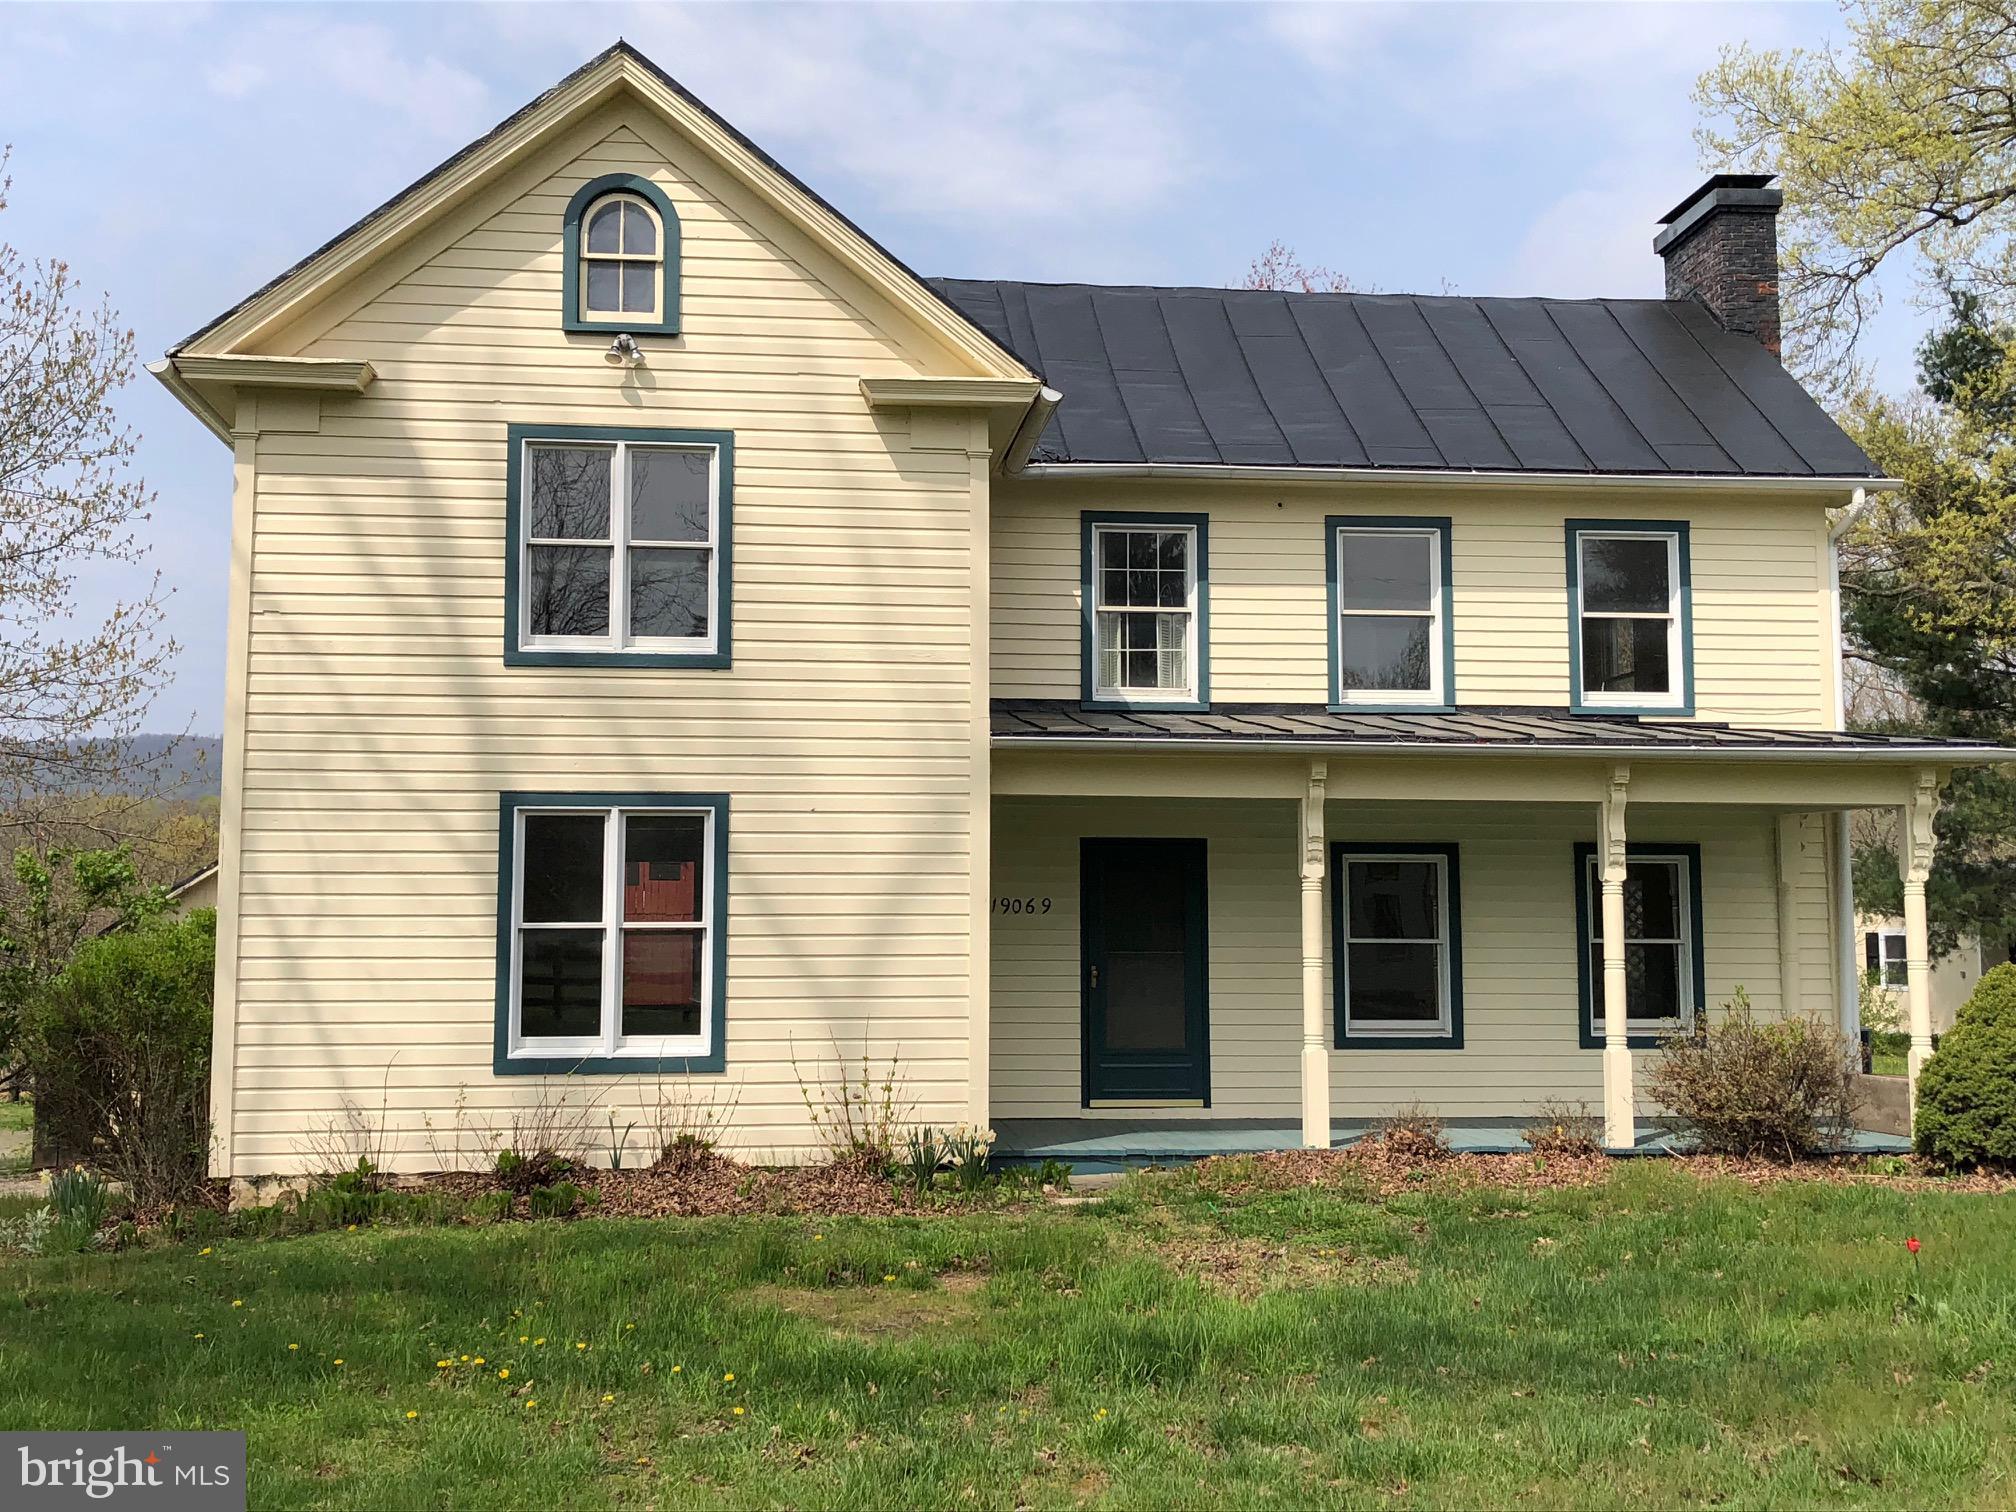 19069 YELLOW SCHOOLHOUSE ROAD, BLUEMONT, VA 20135